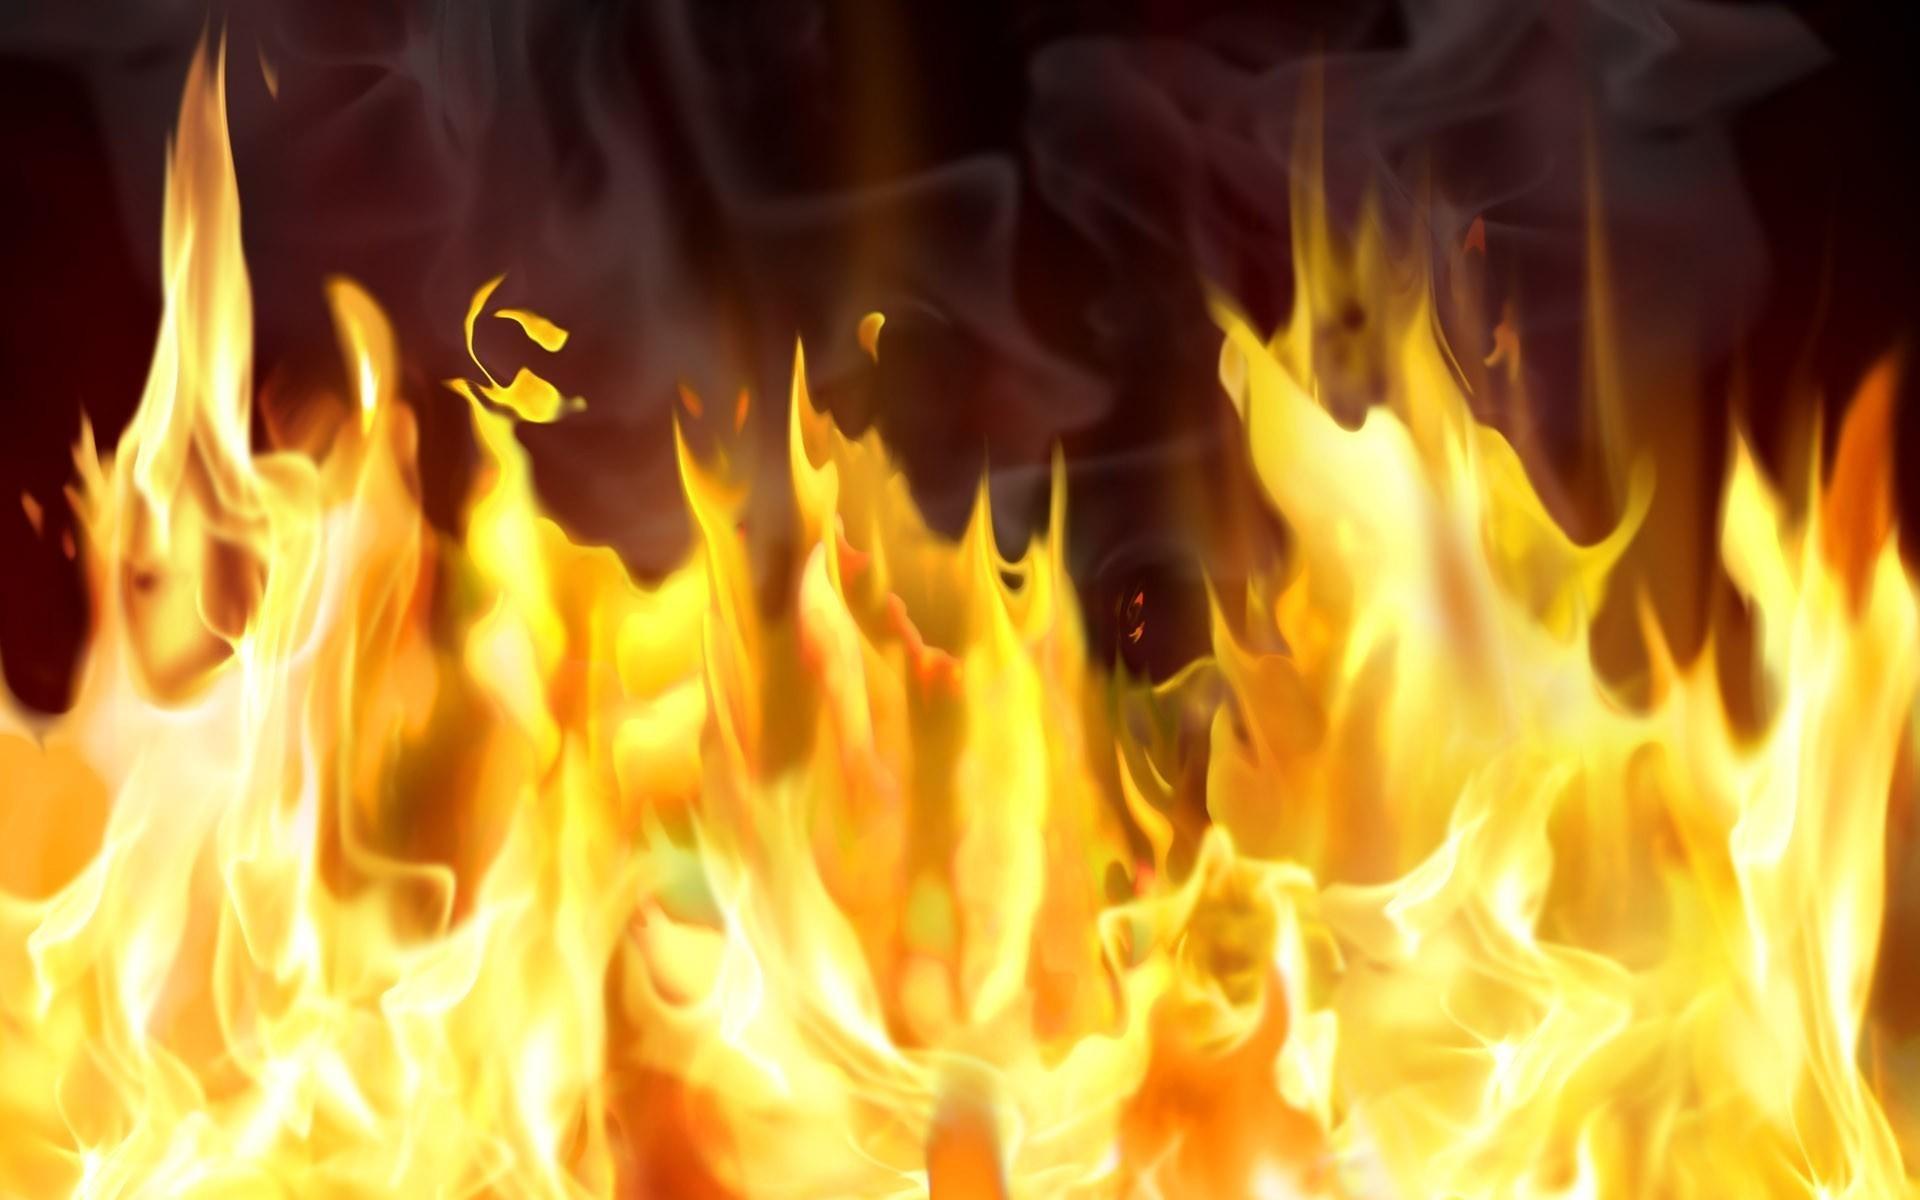 Из-за падения частей ракеты, стартовавшей с«Байкоруна», возник пожар, один человек умер